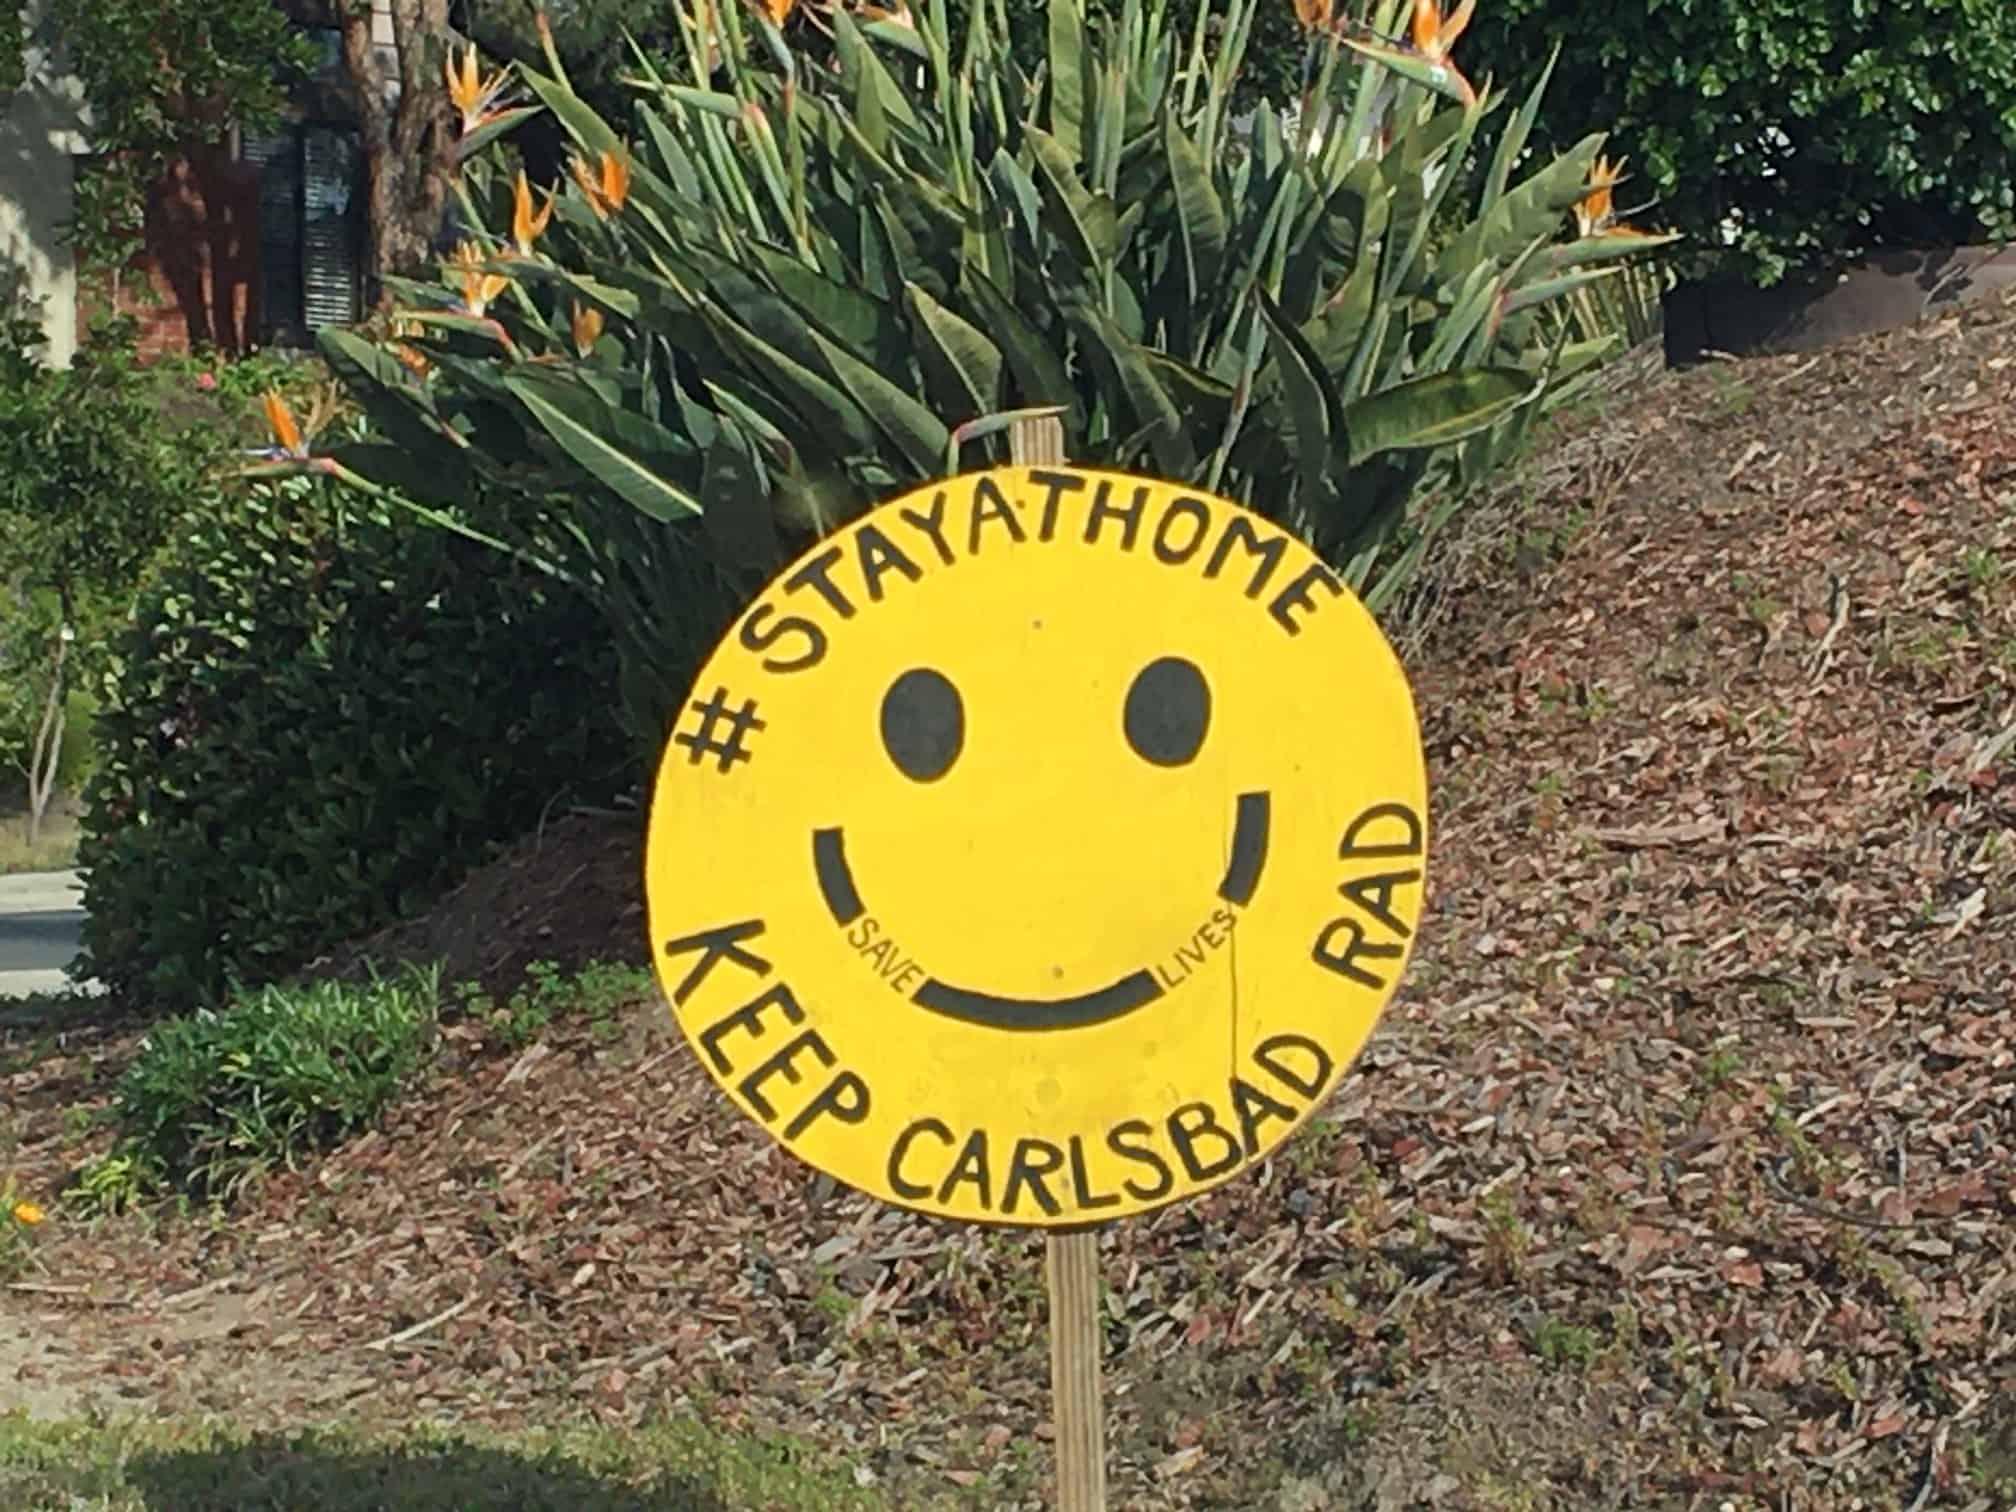 Stay at Home - Keep Carlsbad Rad